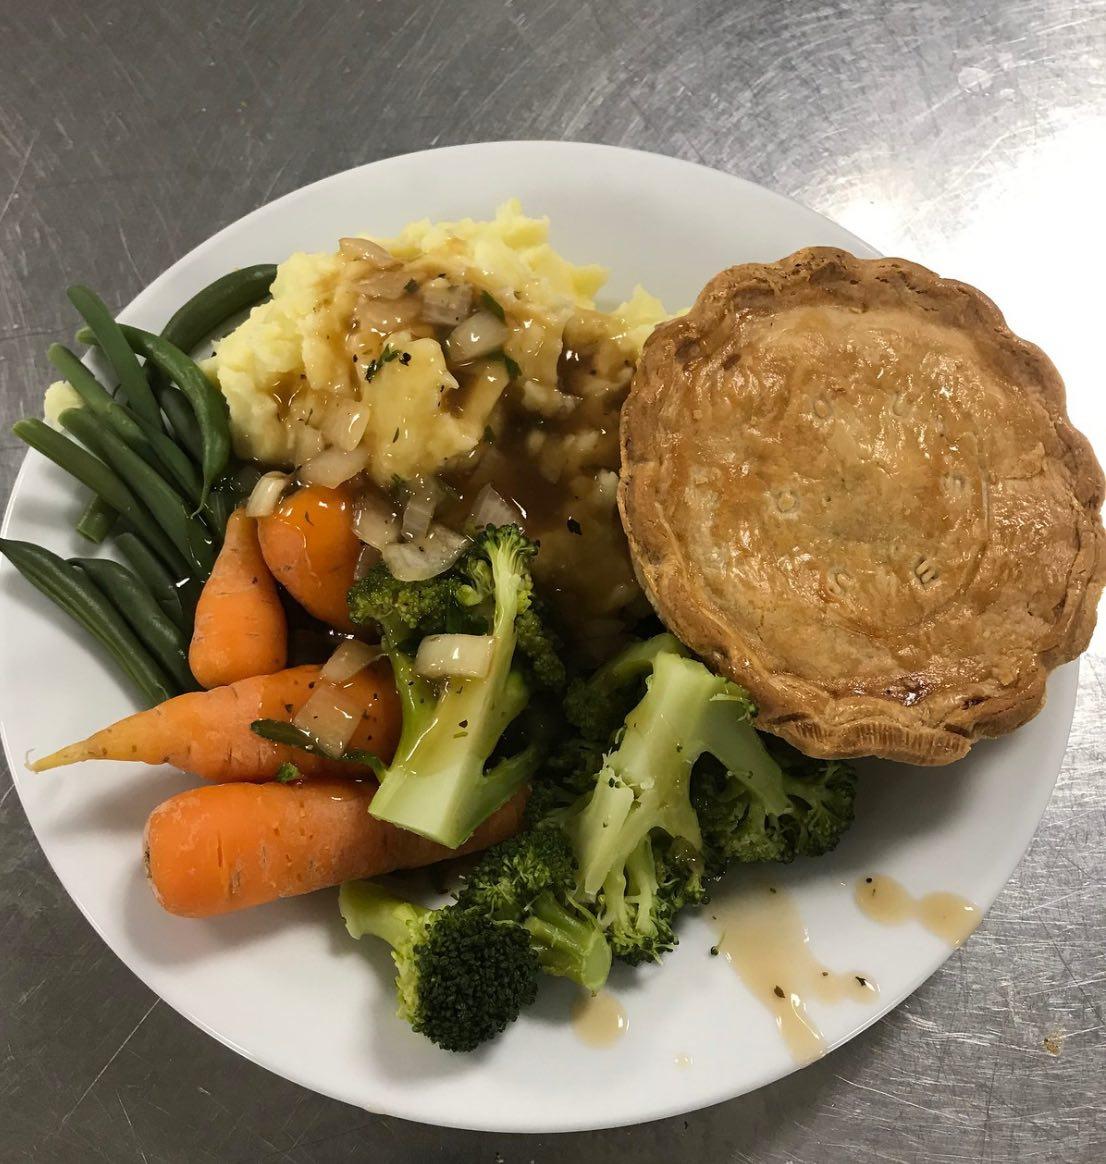 pie-veg-plate